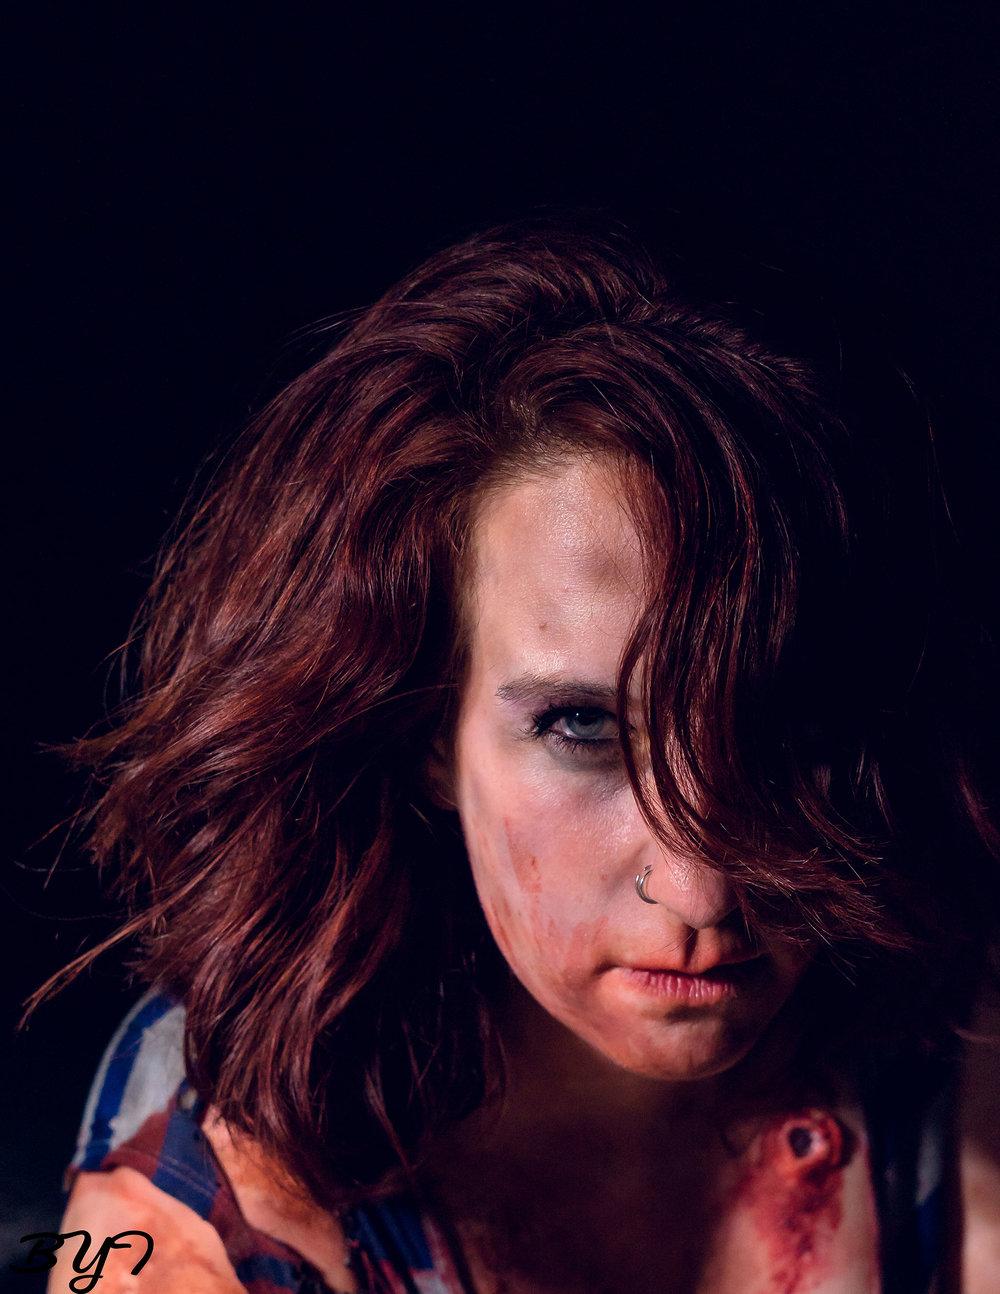 Model: Alex Mirabel